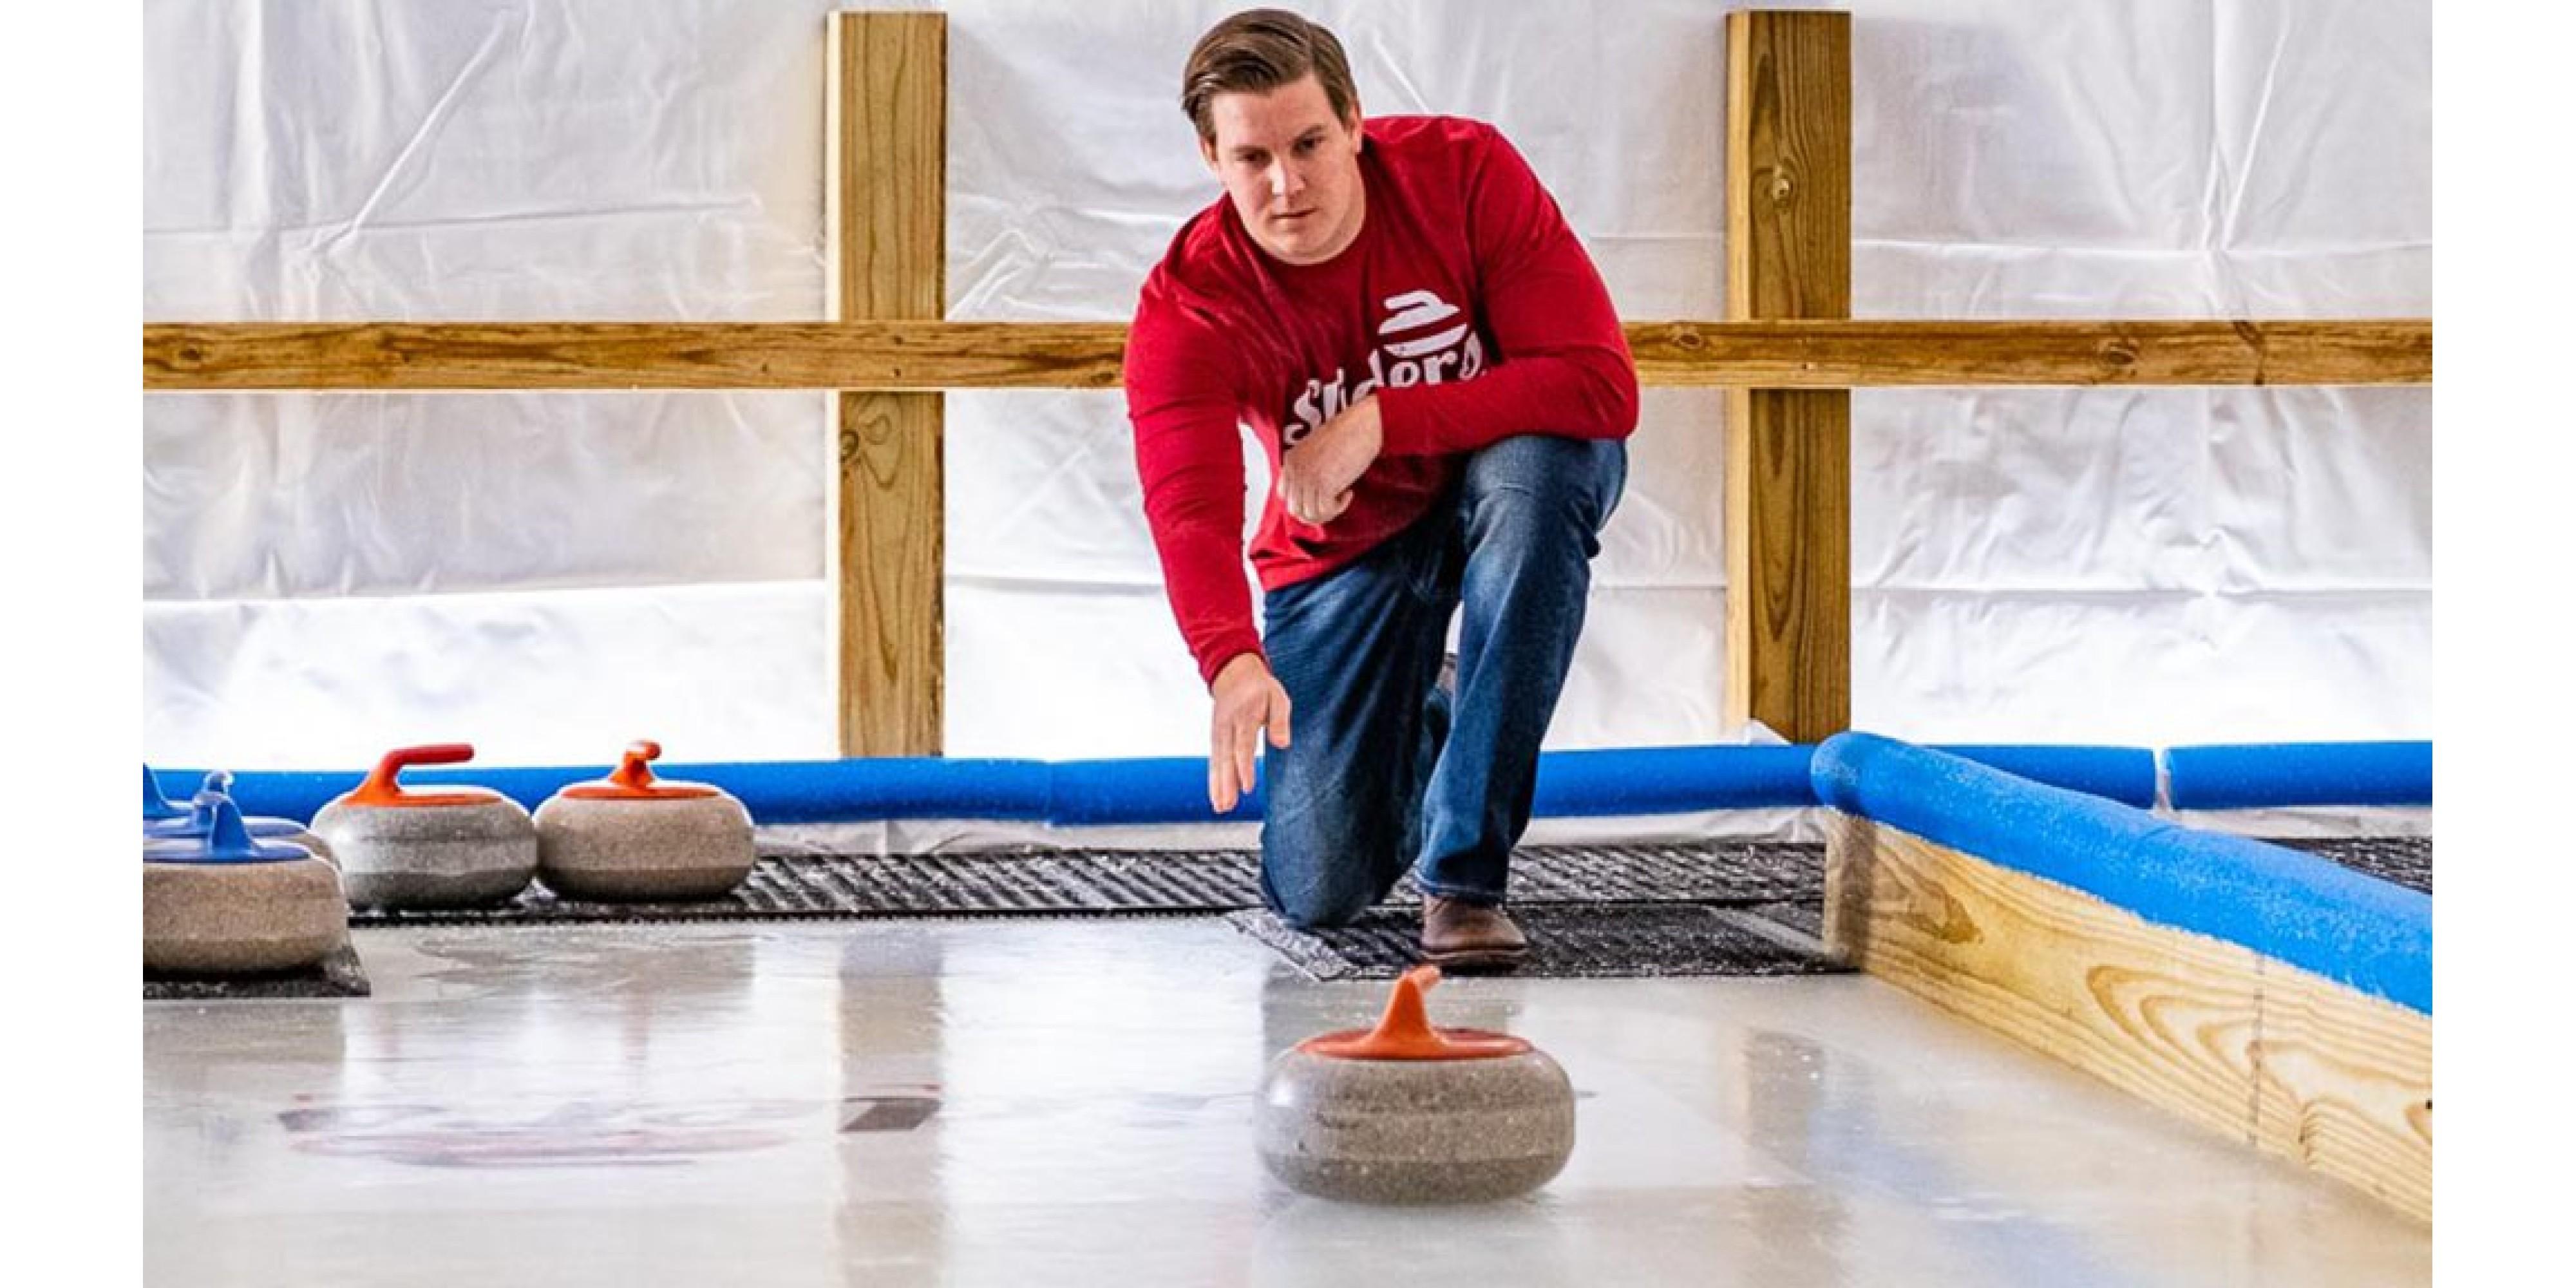 Lumberjax - Curling Rink